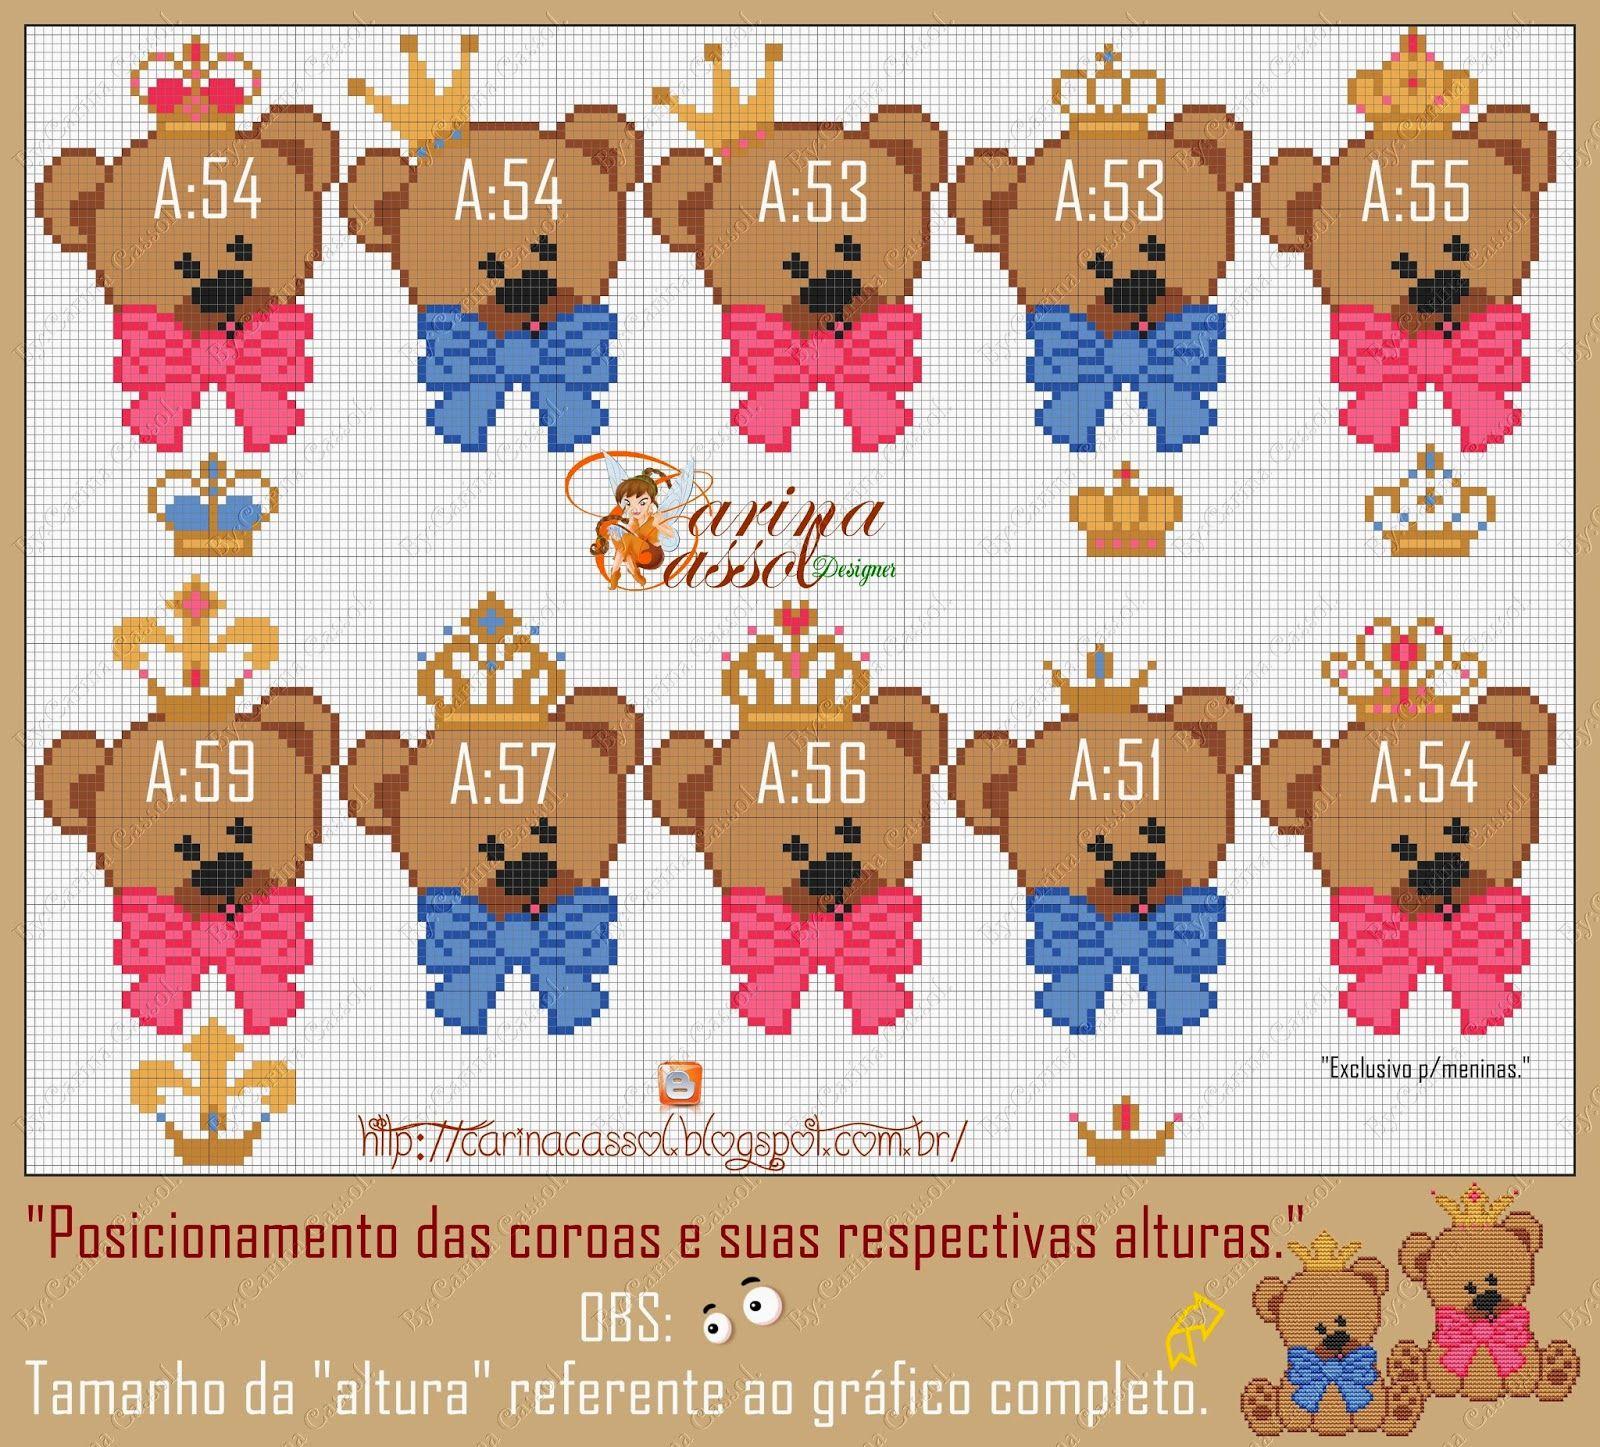 http://carinacassol.blogspot.com.br/2015/03/novos-modelos-de-cerquinhapapel-de.html